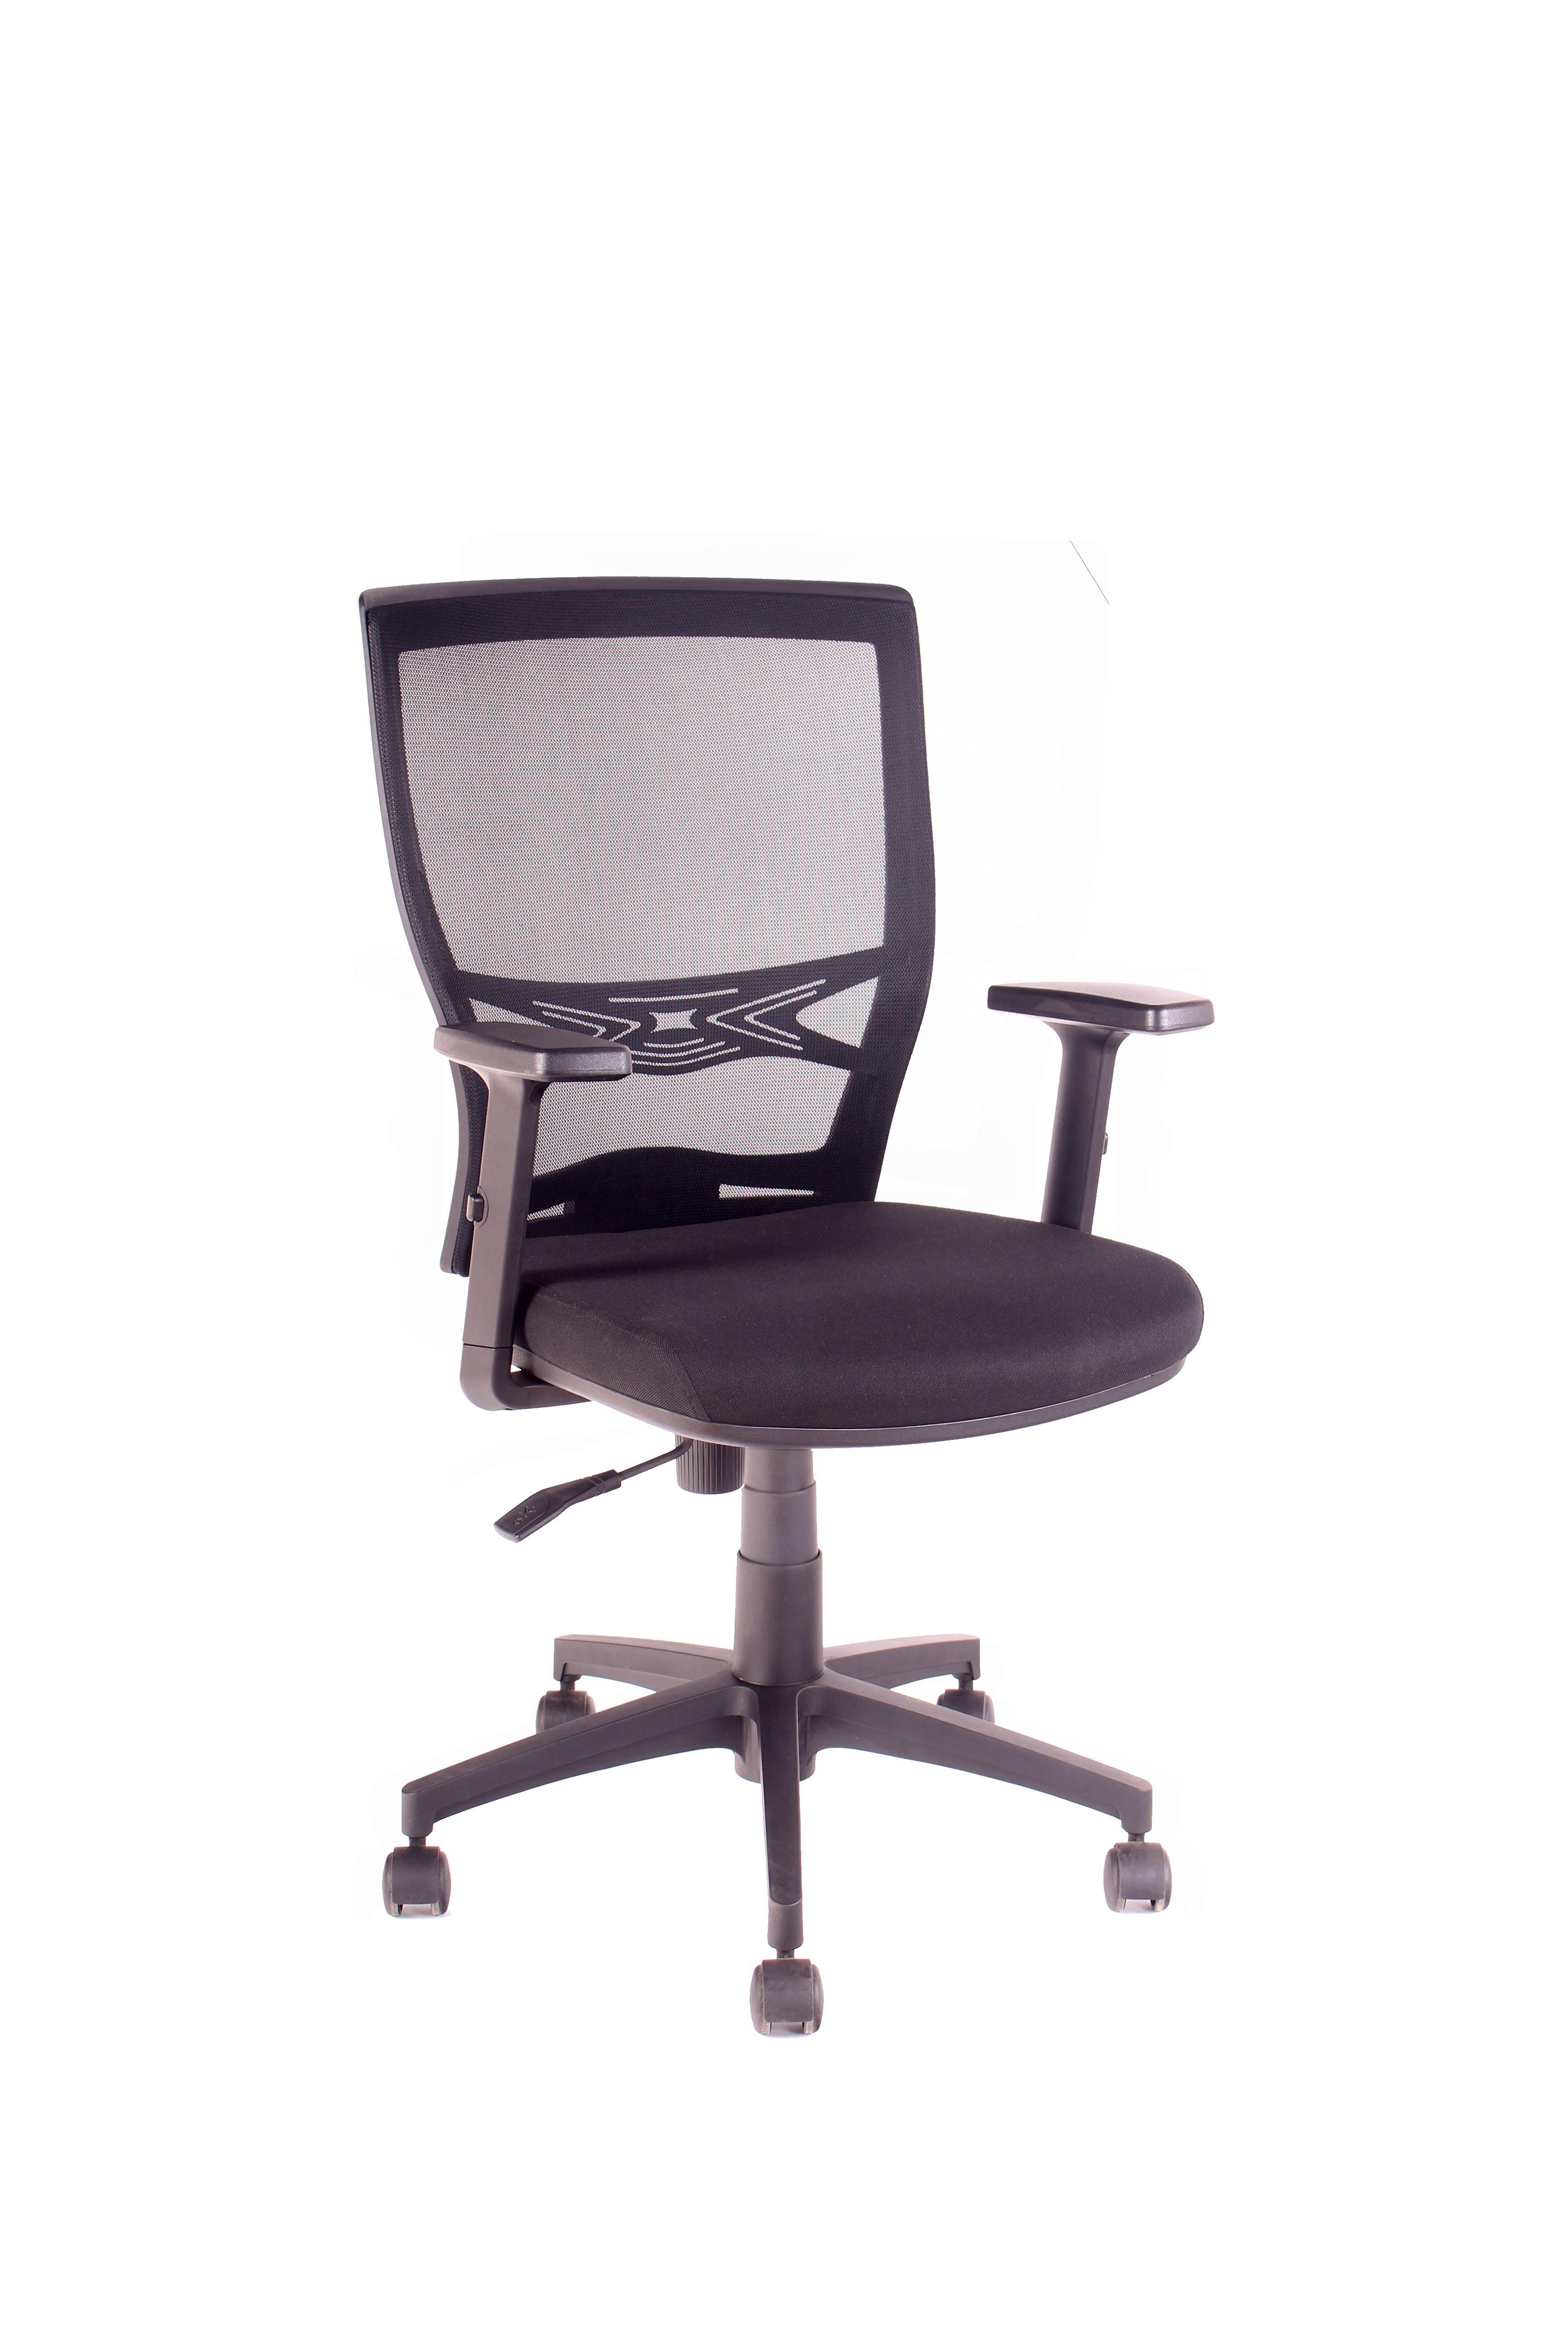 Resof venta y reparaci n sillas de oficina for Reparacion de sillas de oficina